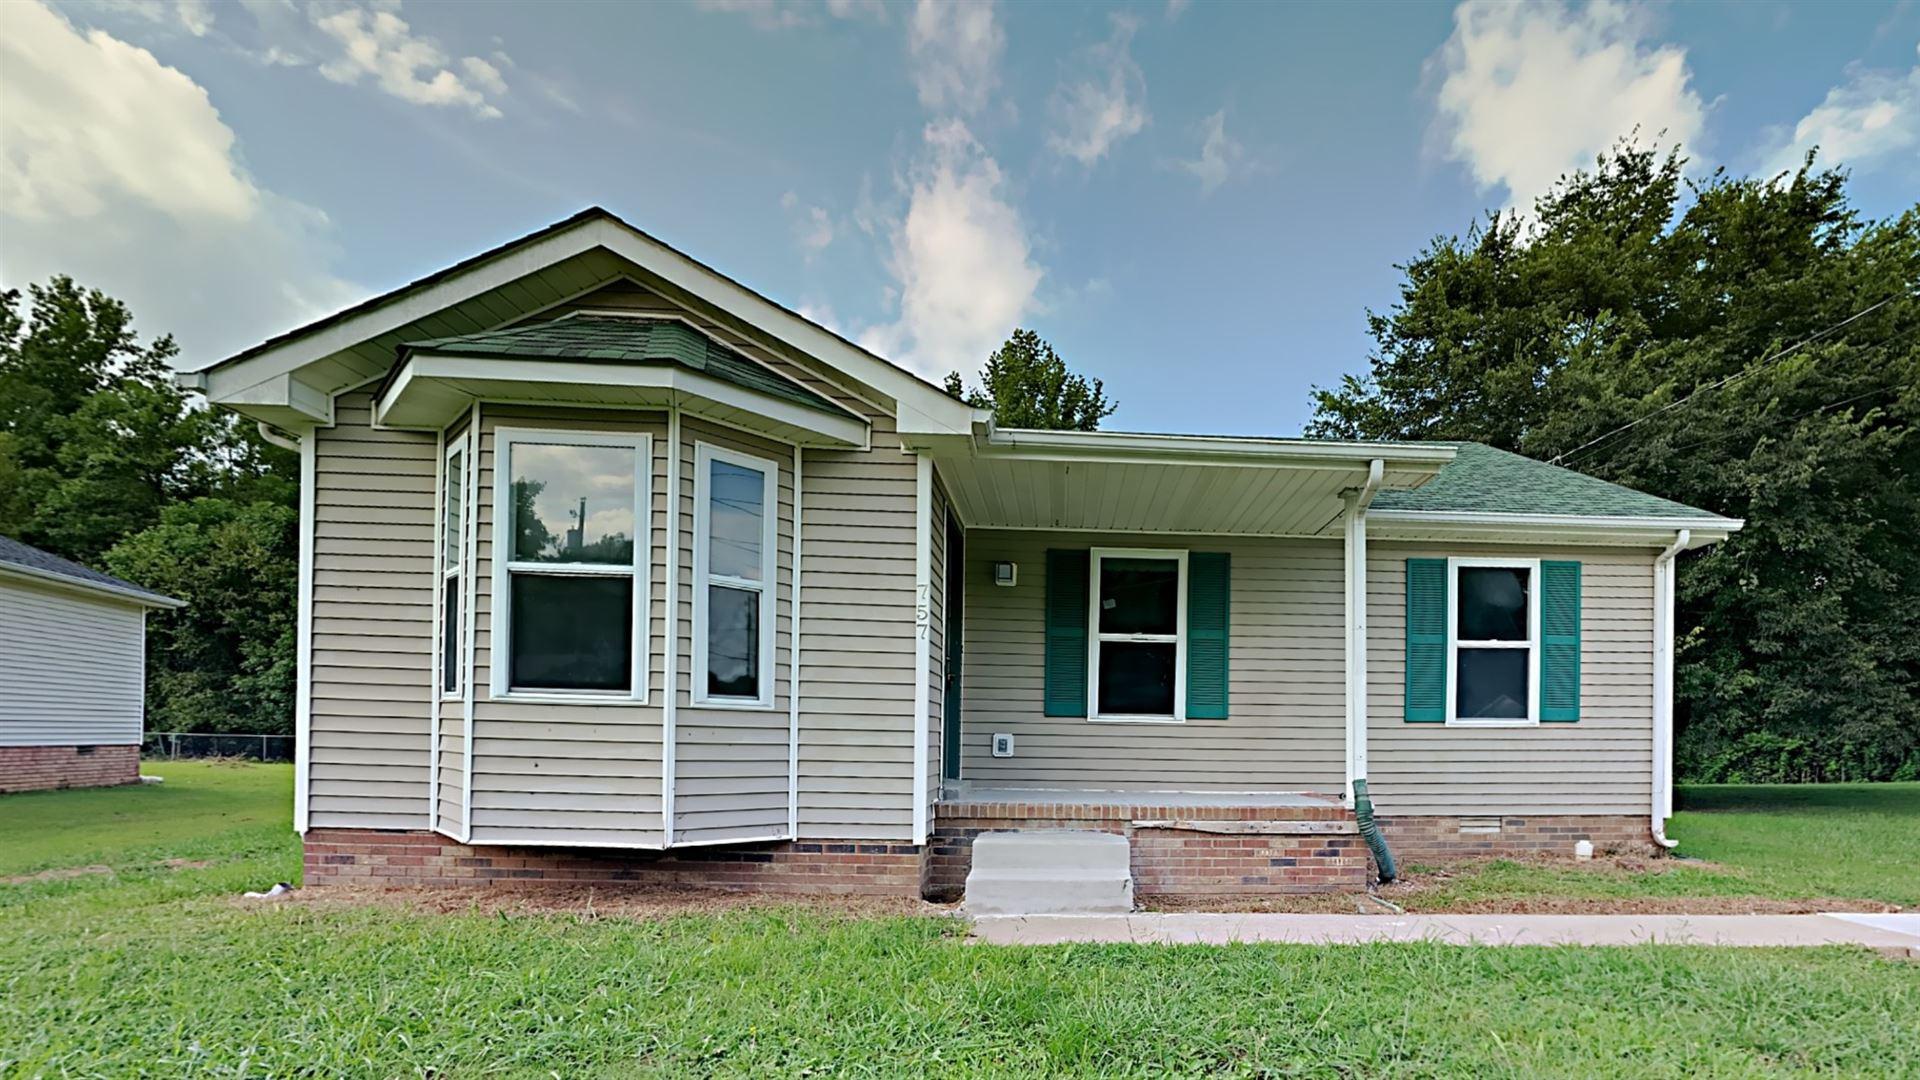 757 Spees Dr, Clarksville, TN 37042 - MLS#: 2289983